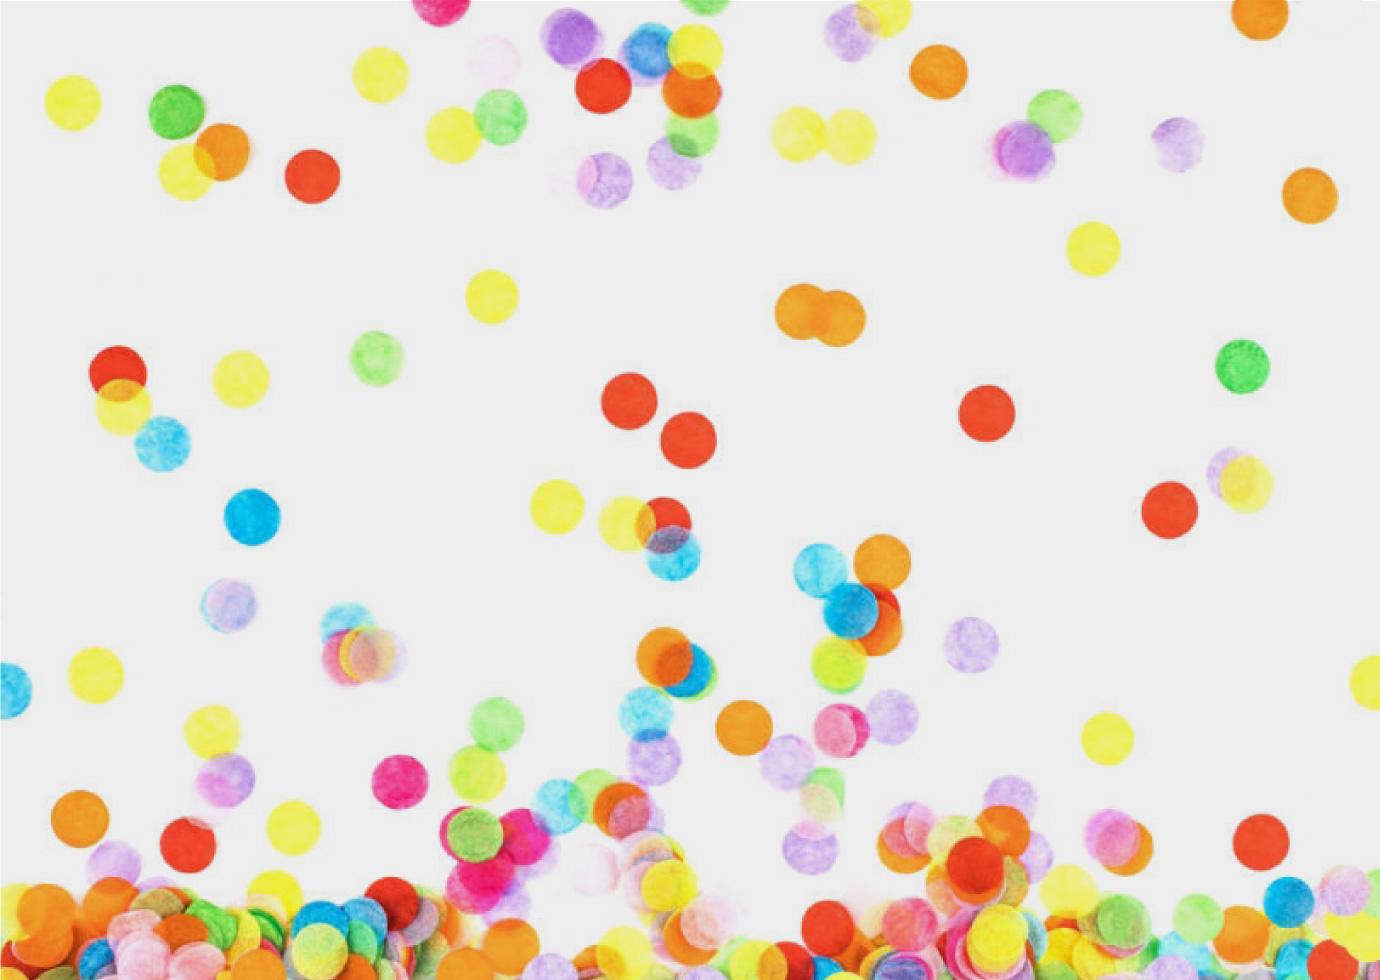 A close up of colorful confetti.